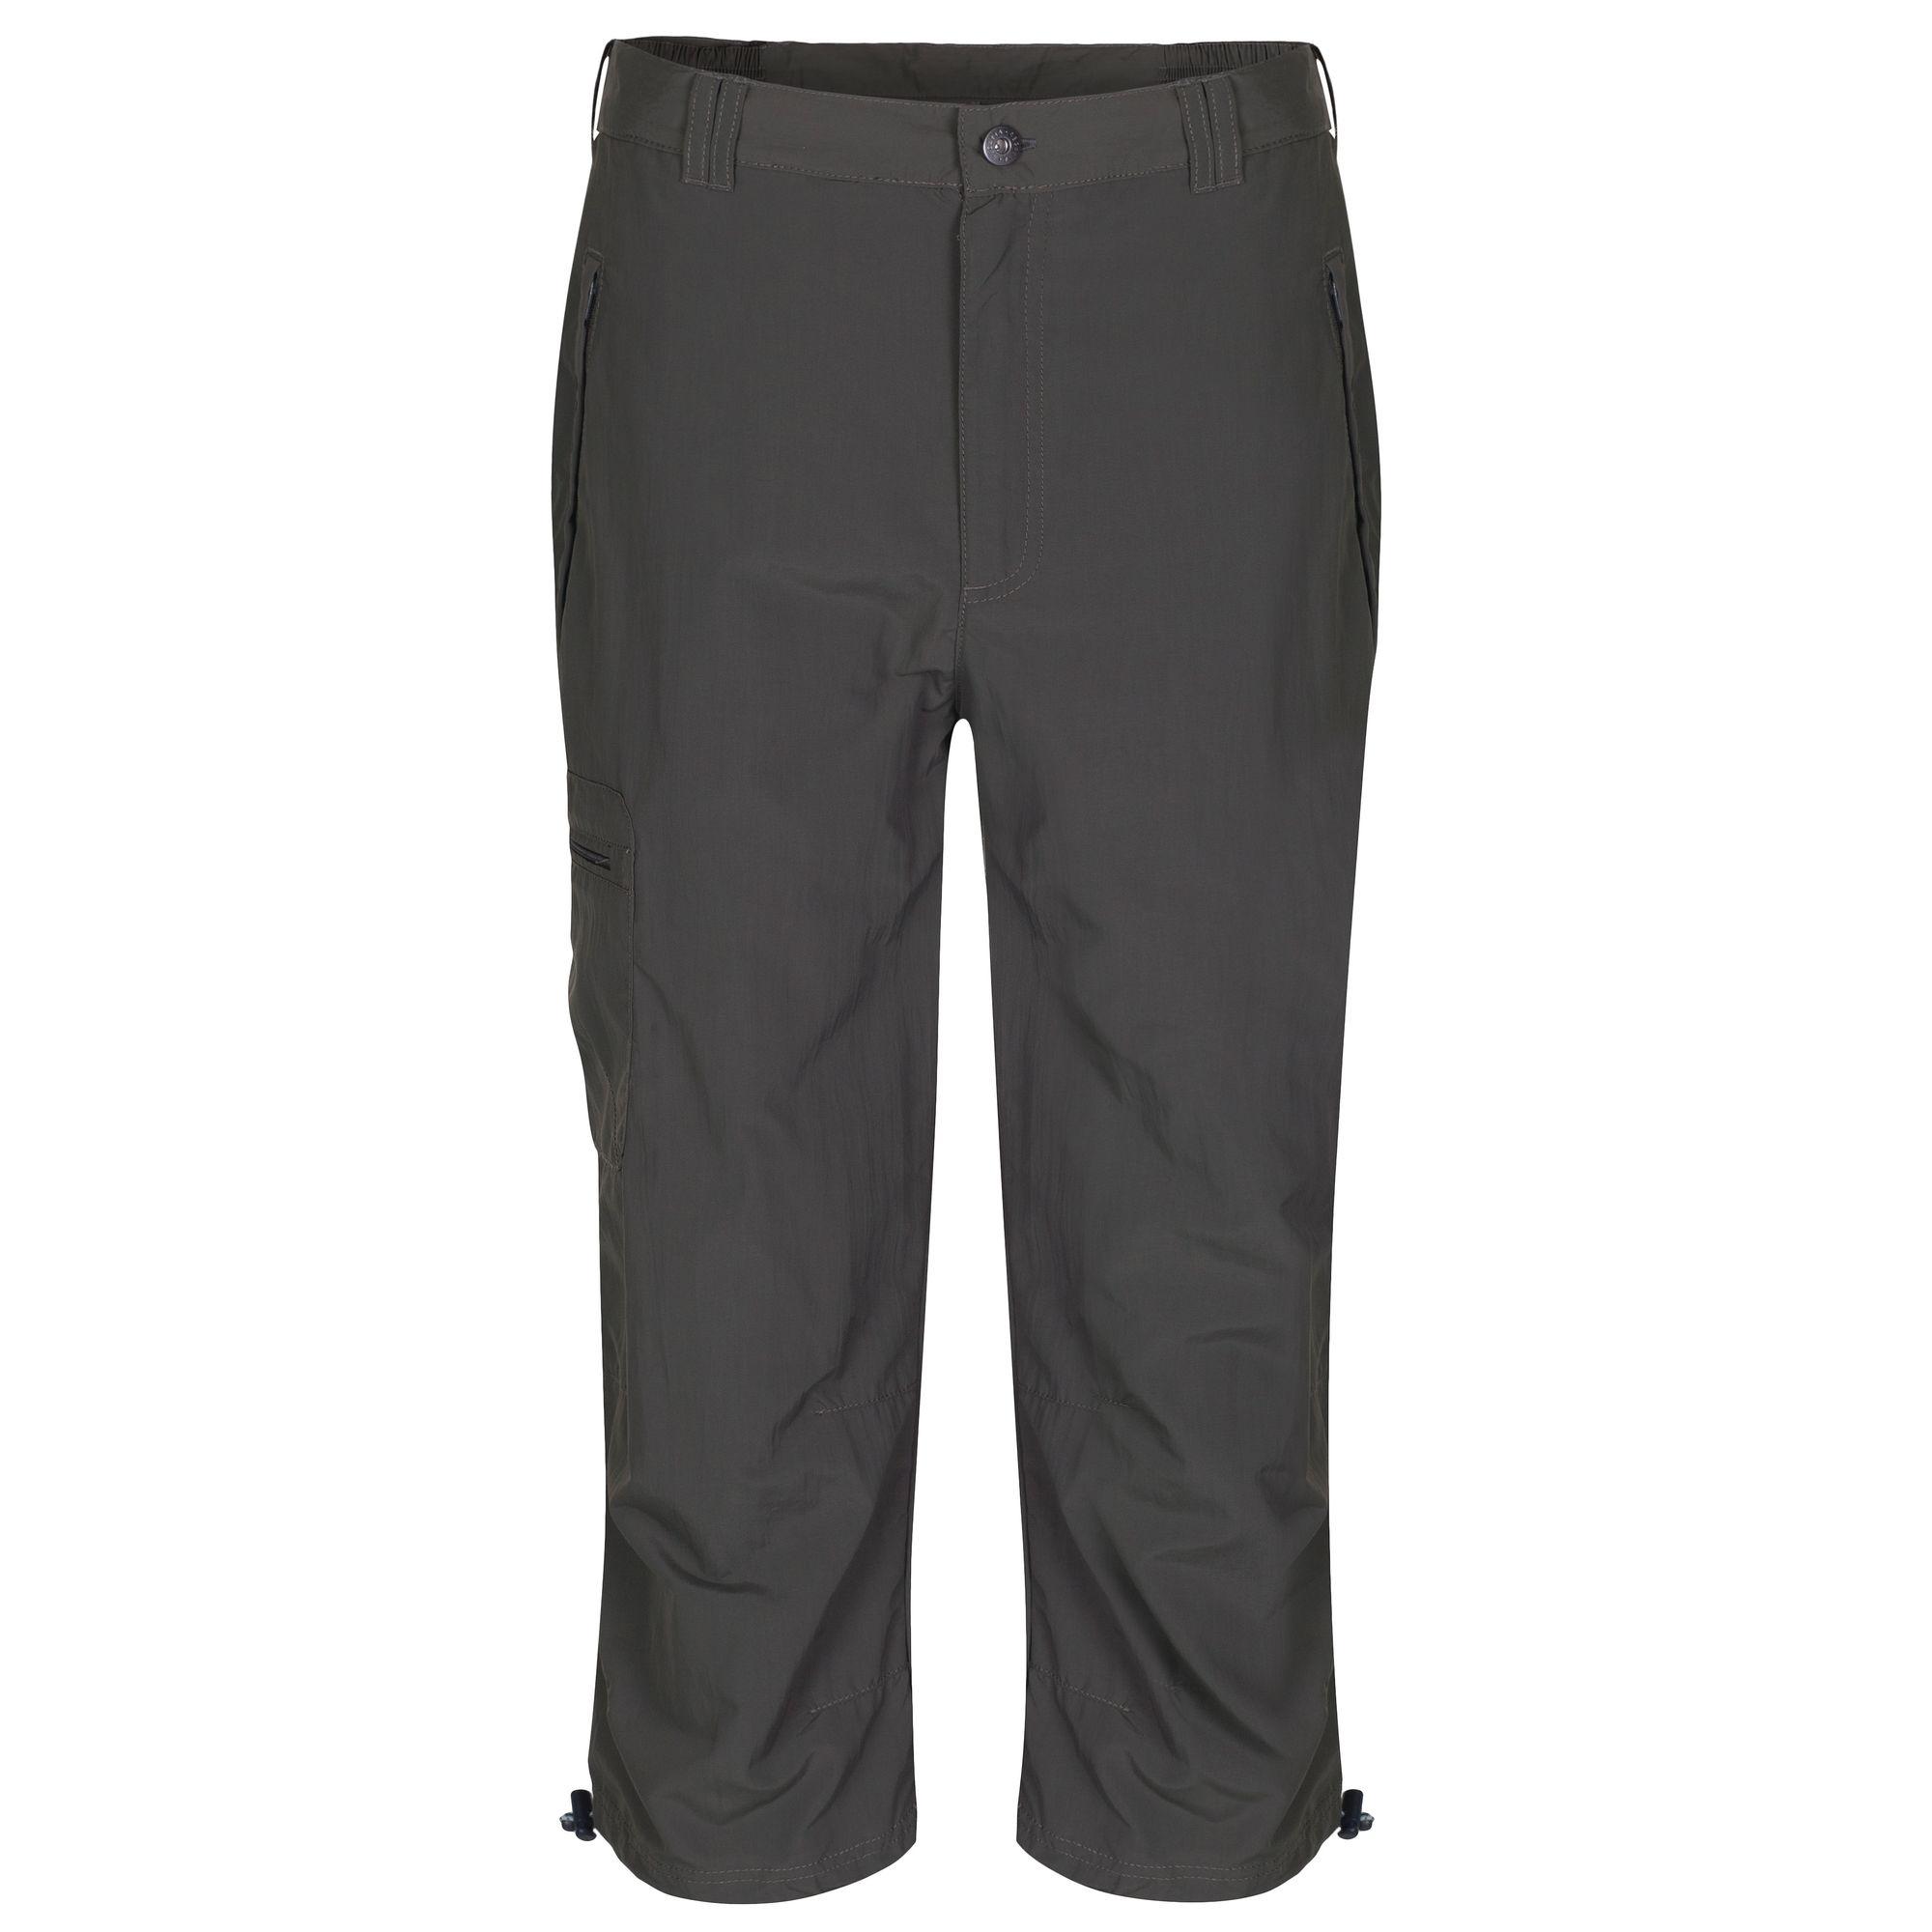 Regatta-Great-Outdoors-Mens-Leesville-Capris-Lightweight-3-4-Trousers